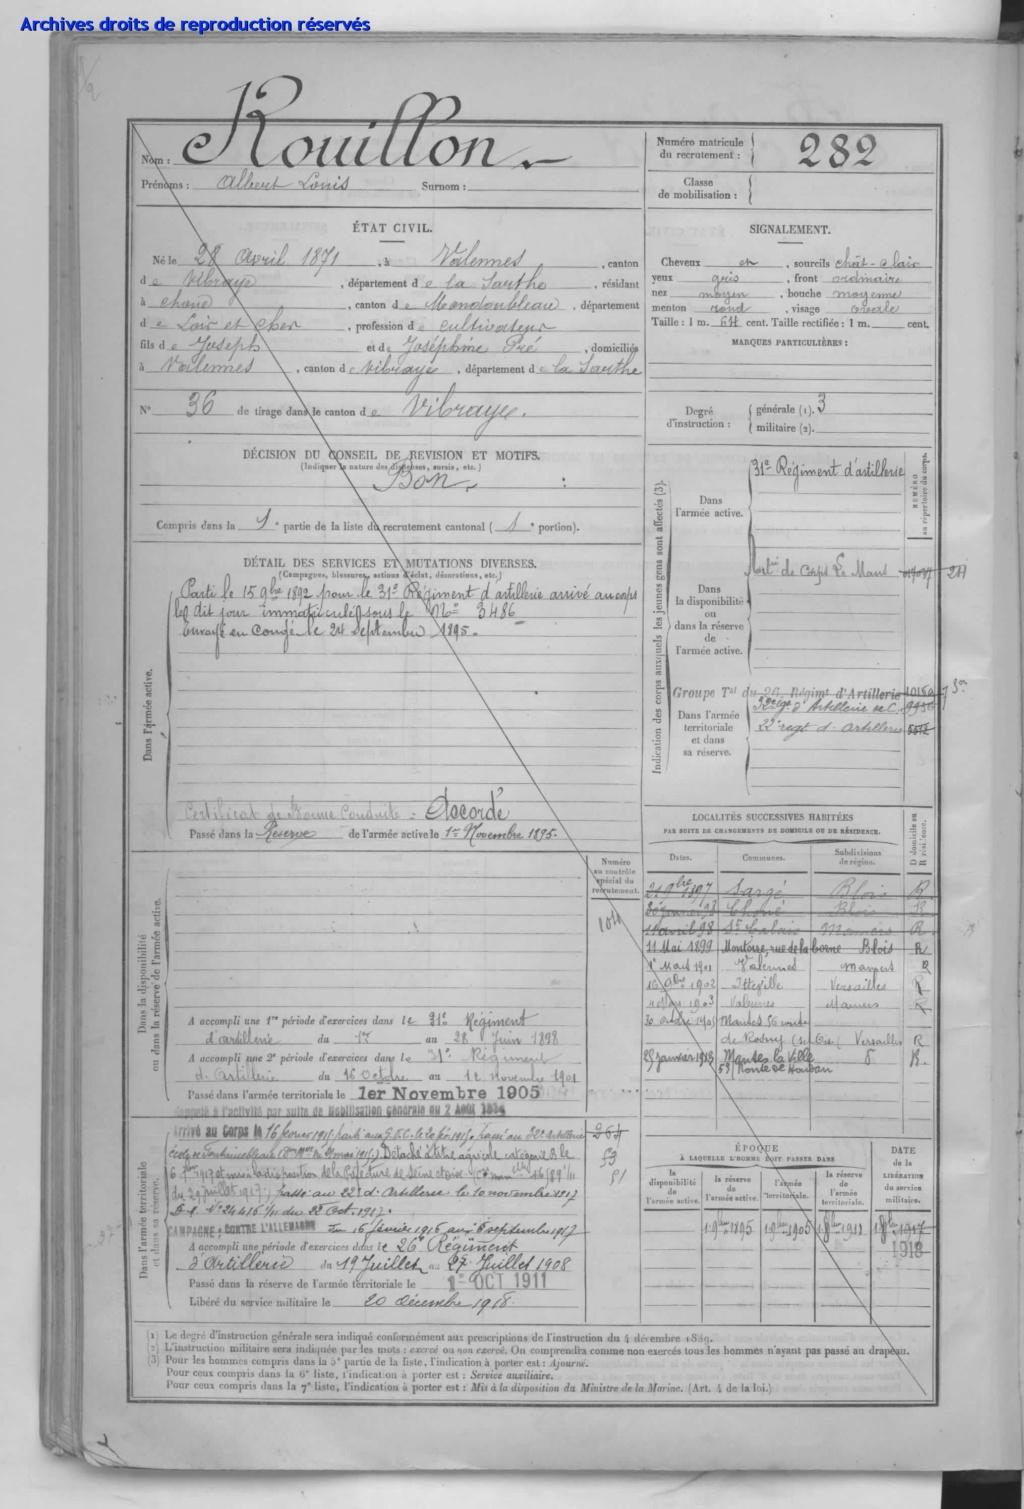 Le soldat Rouillon Léon Denis M à J du 21/12/20 Livret12